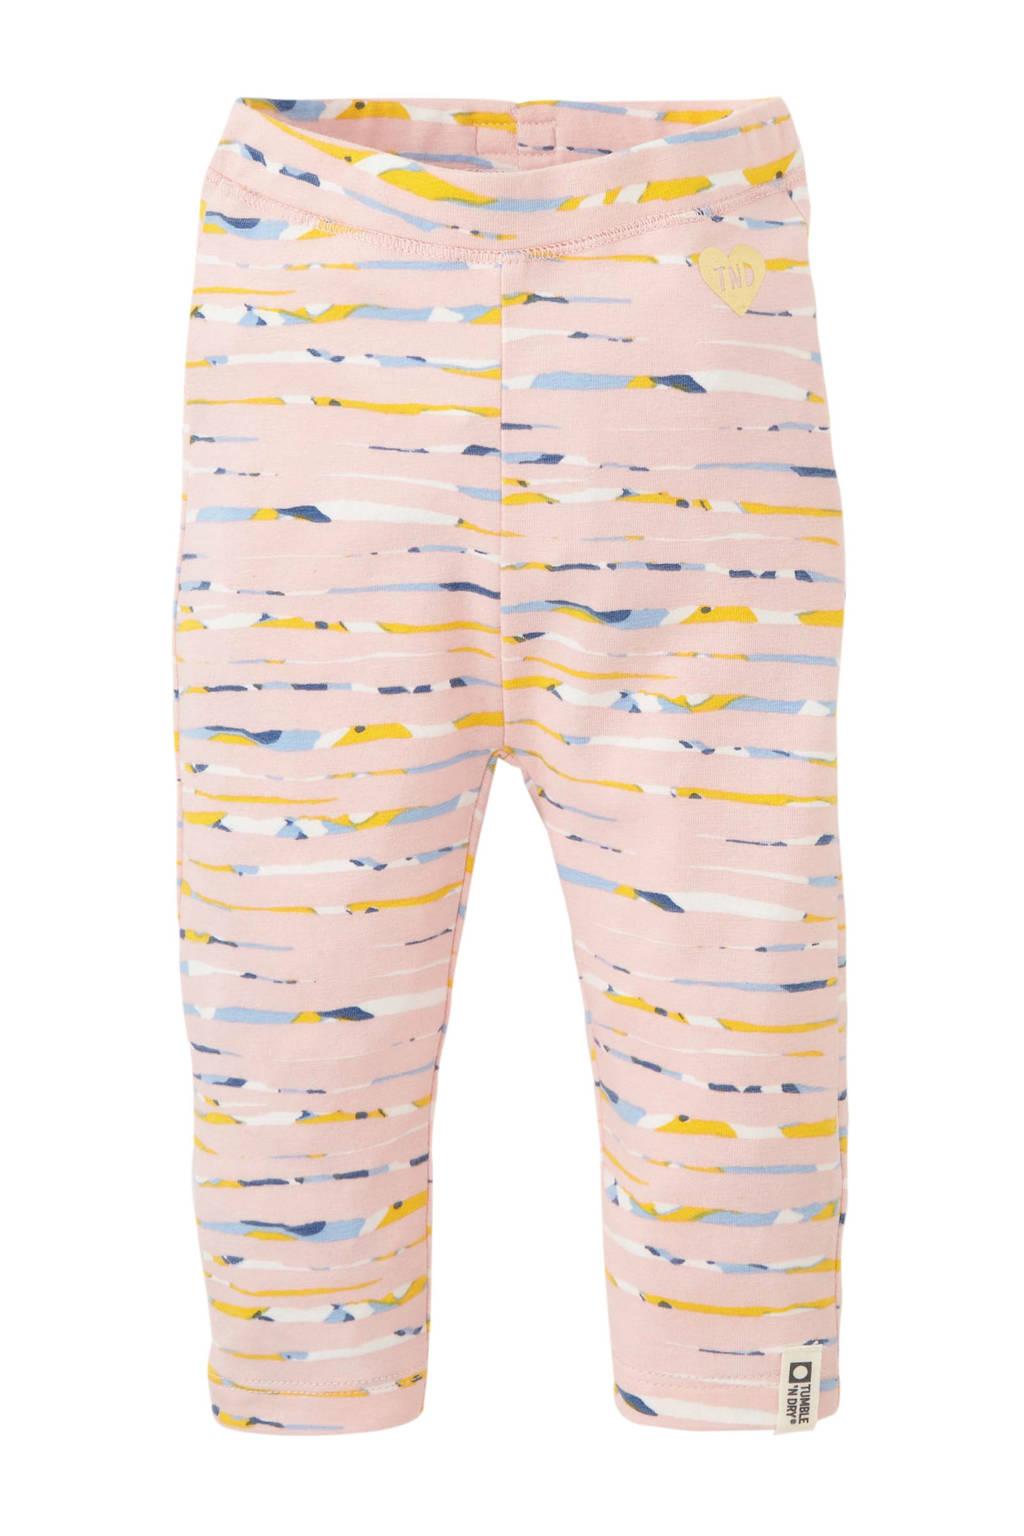 Tumble 'n Dry Zero baby legging Marieke met all over print lichtroze/geel/lichtblauw, Lichtroze/geel/lichtblauw